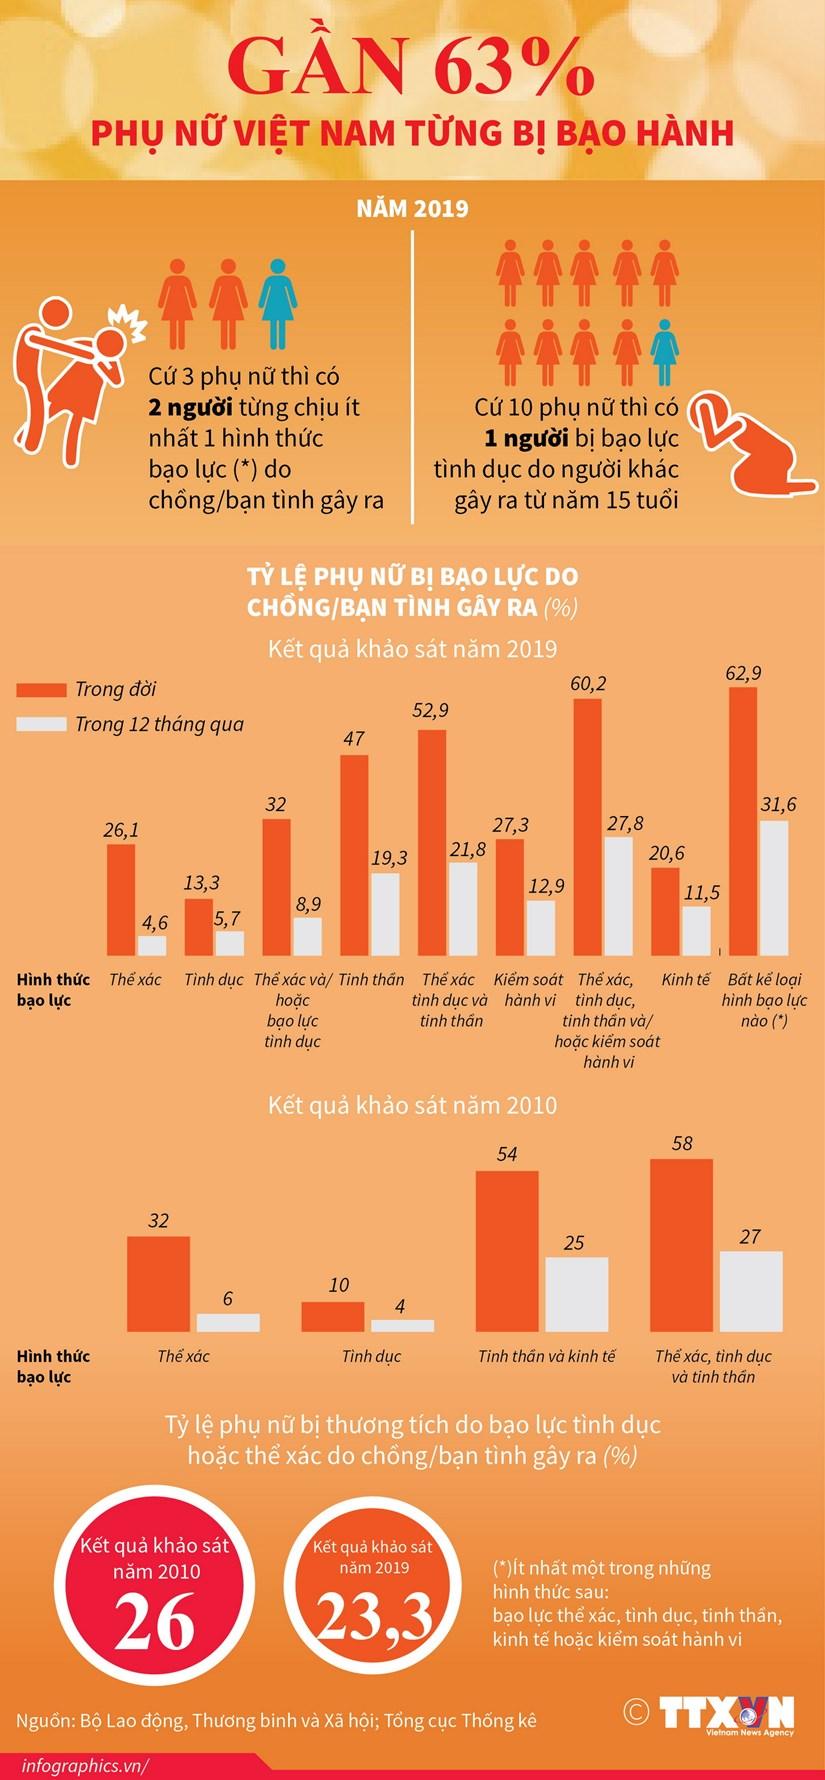 [Infographics] Gan 63% phu nu Viet Nam tung bi bao hanh hinh anh 1